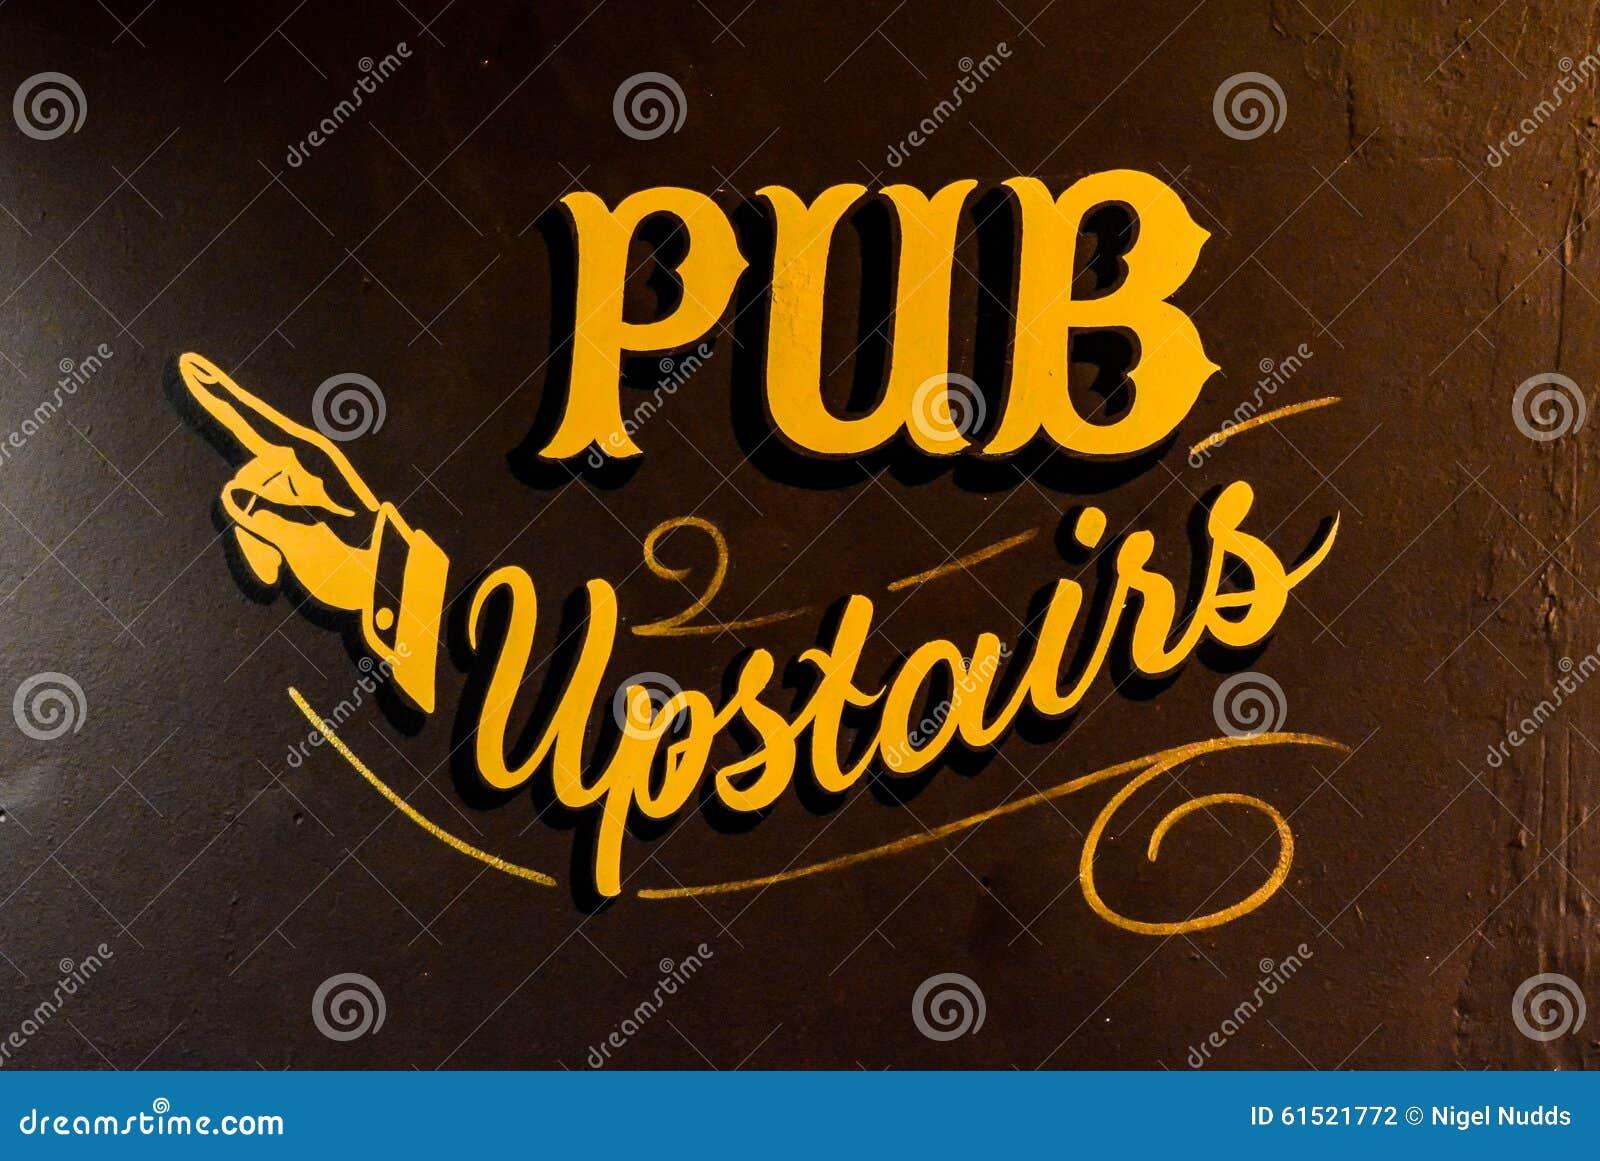 York - bar